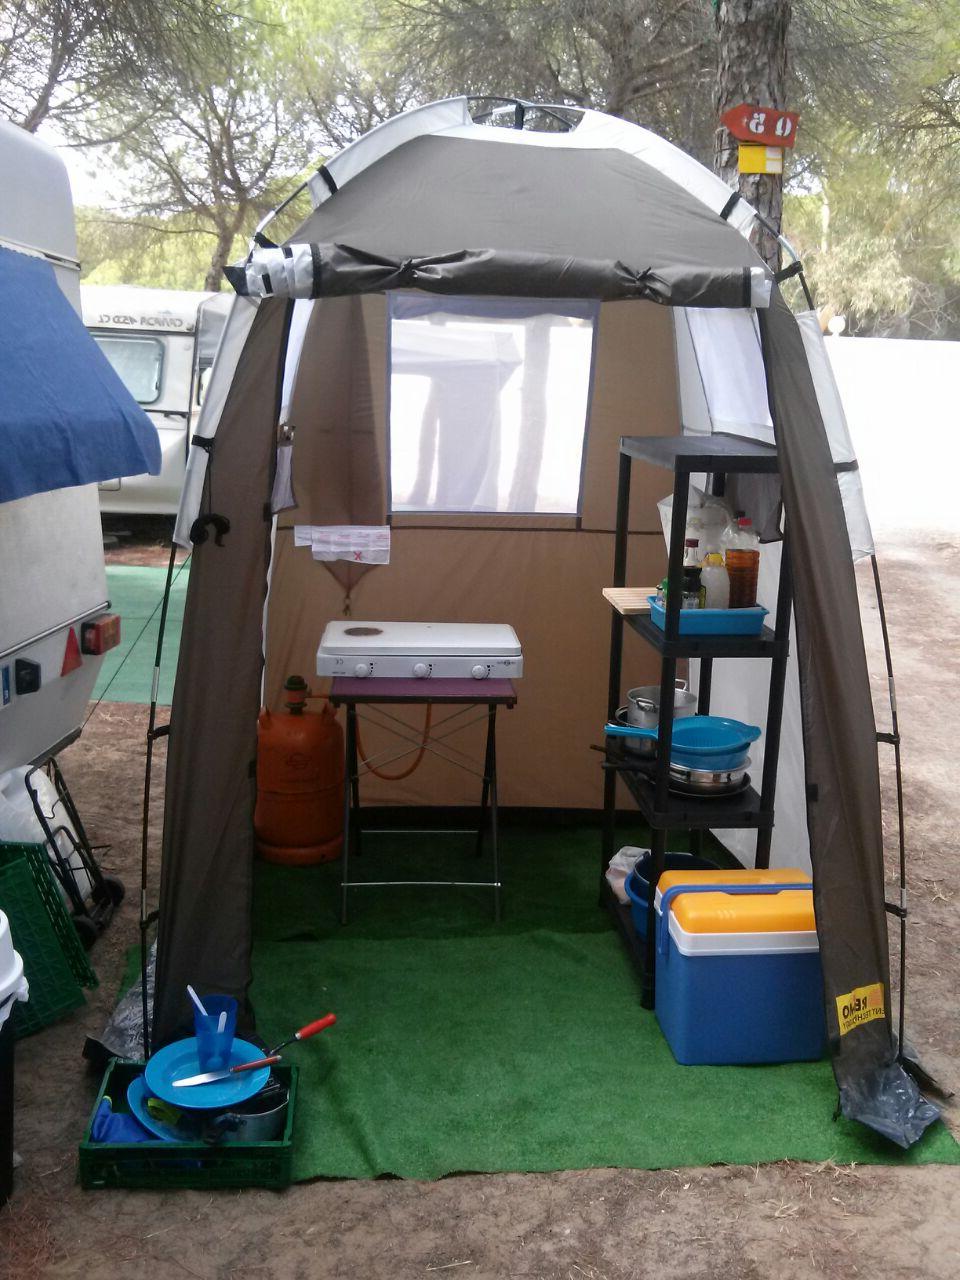 Mobiliario Camping Zwd9 Tiendas De Cocina Suelos Camping Avances